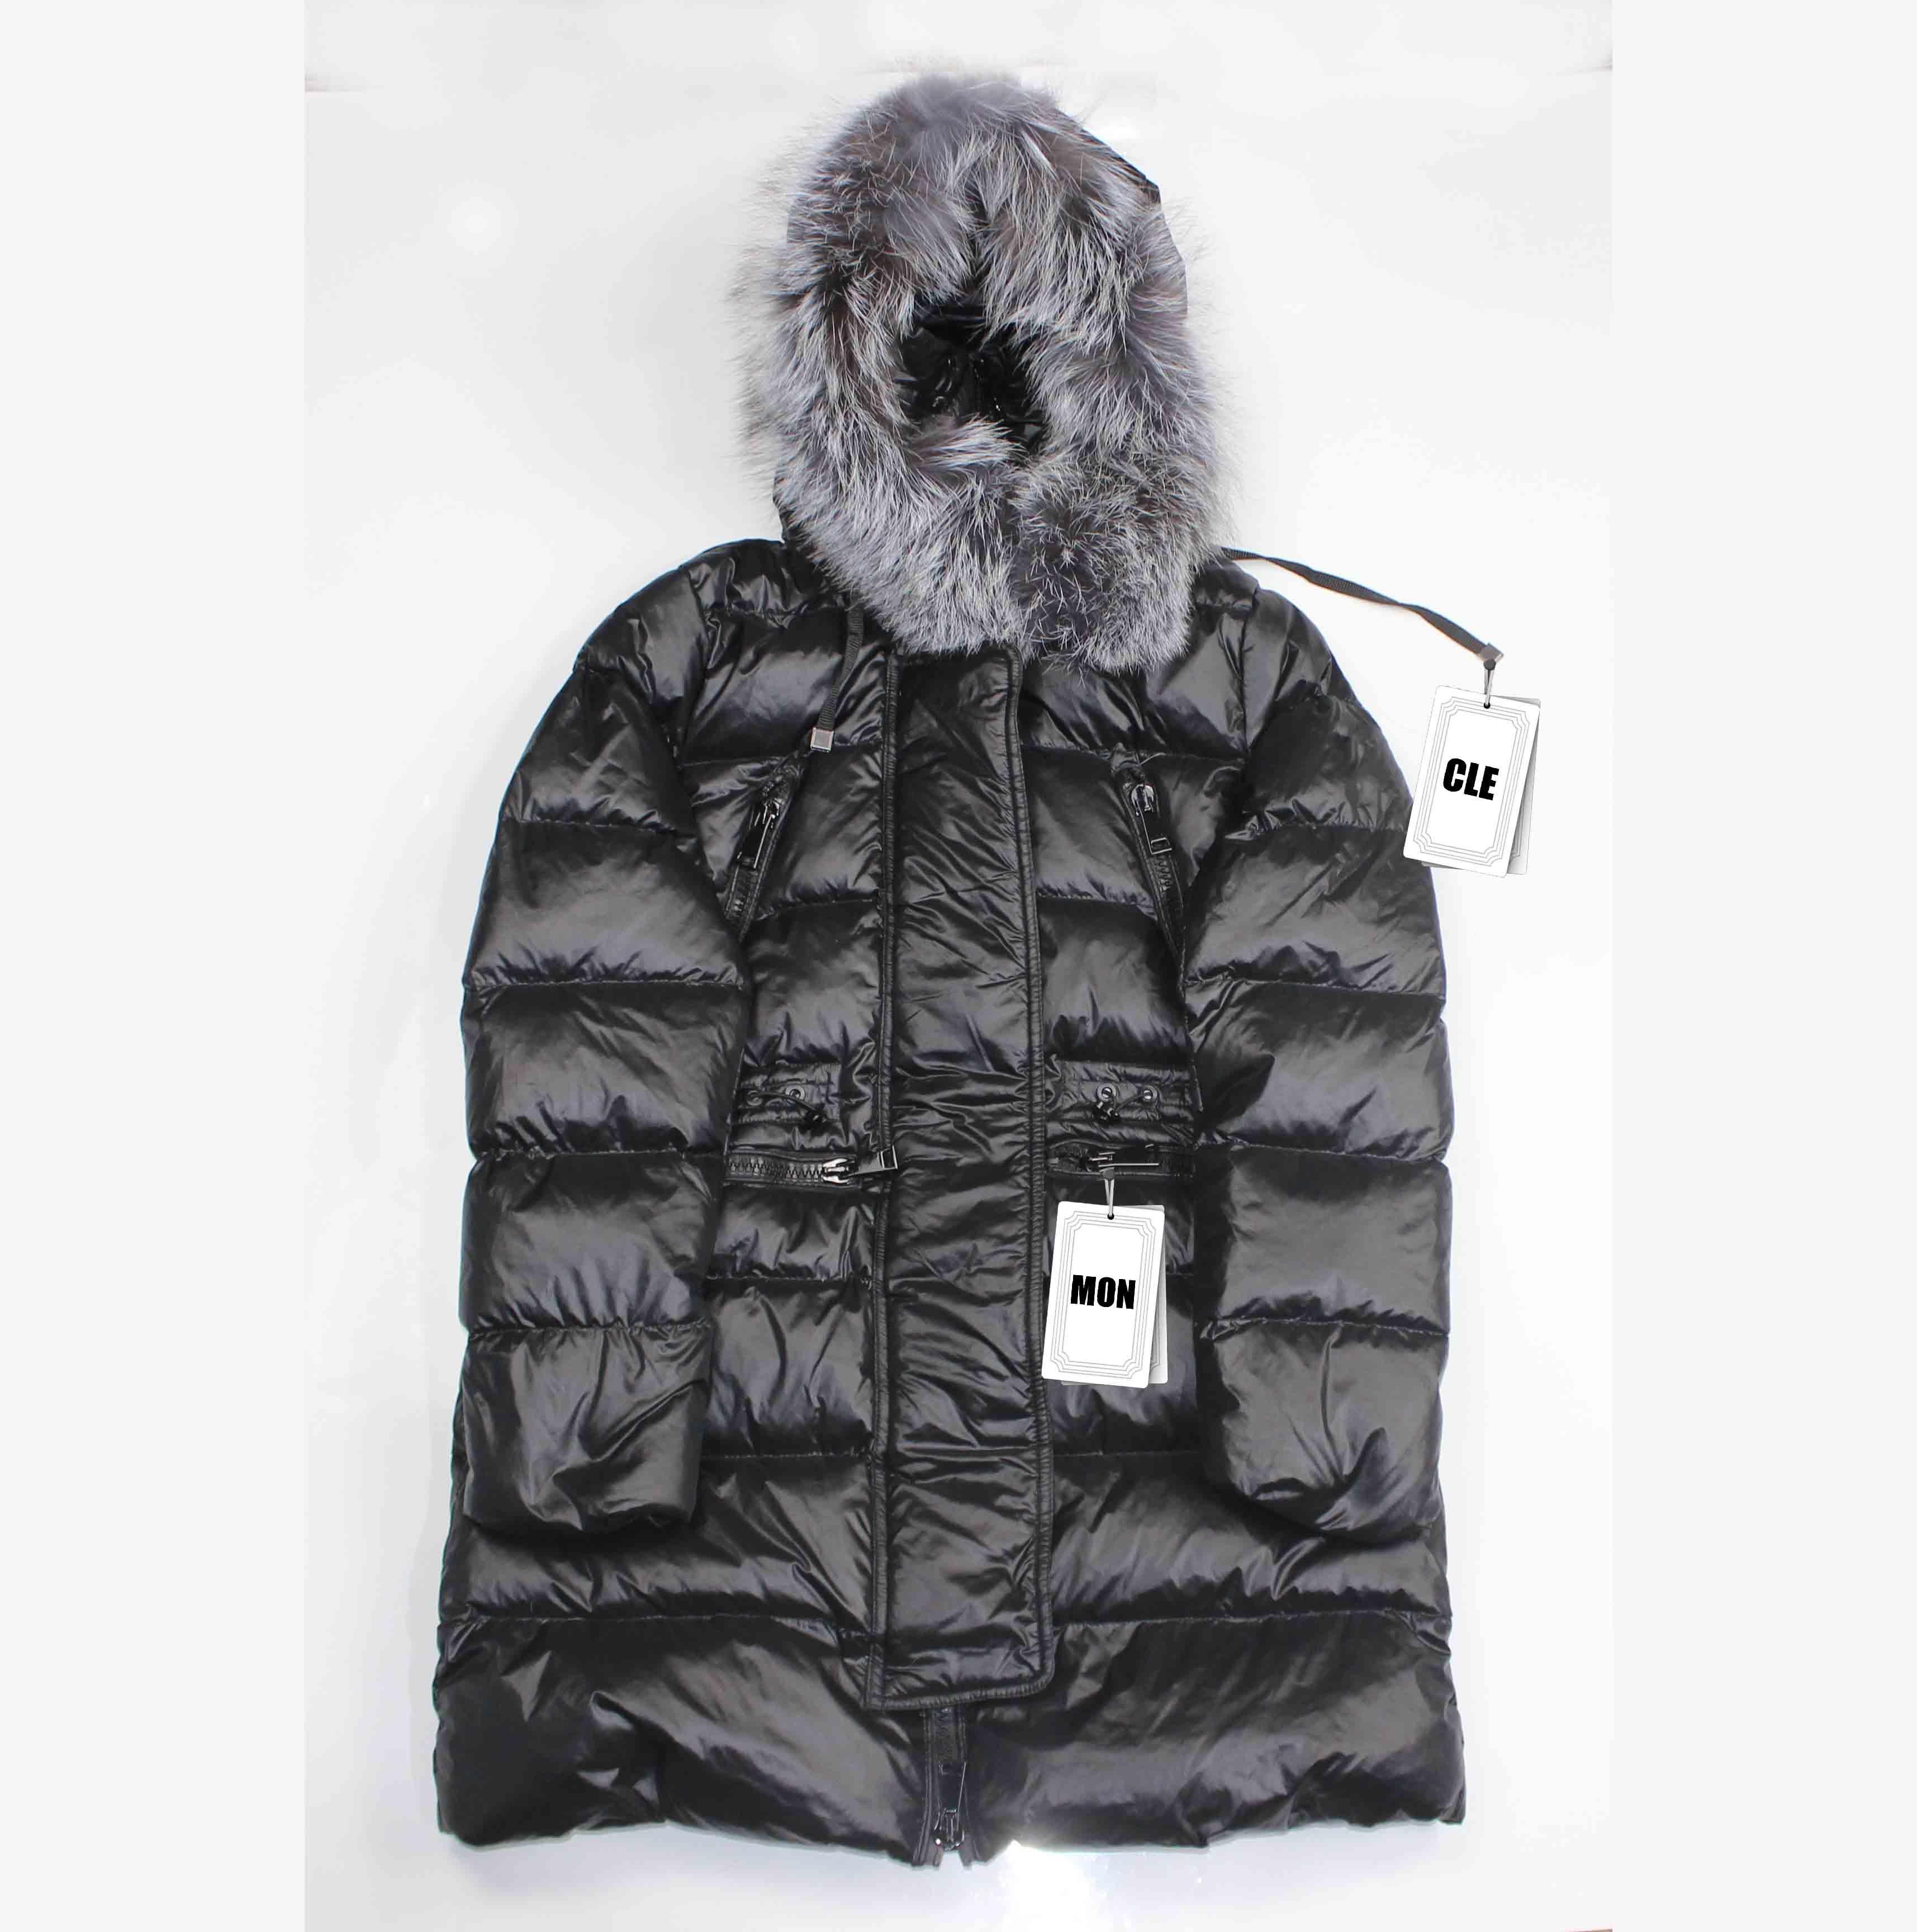 Progettista delle donne giù ricoprono il lusso di colore solido lungo Giacche invernali caldi vestiti donne di moda all'aperto indossare parka di marca con TagLabel.Y05